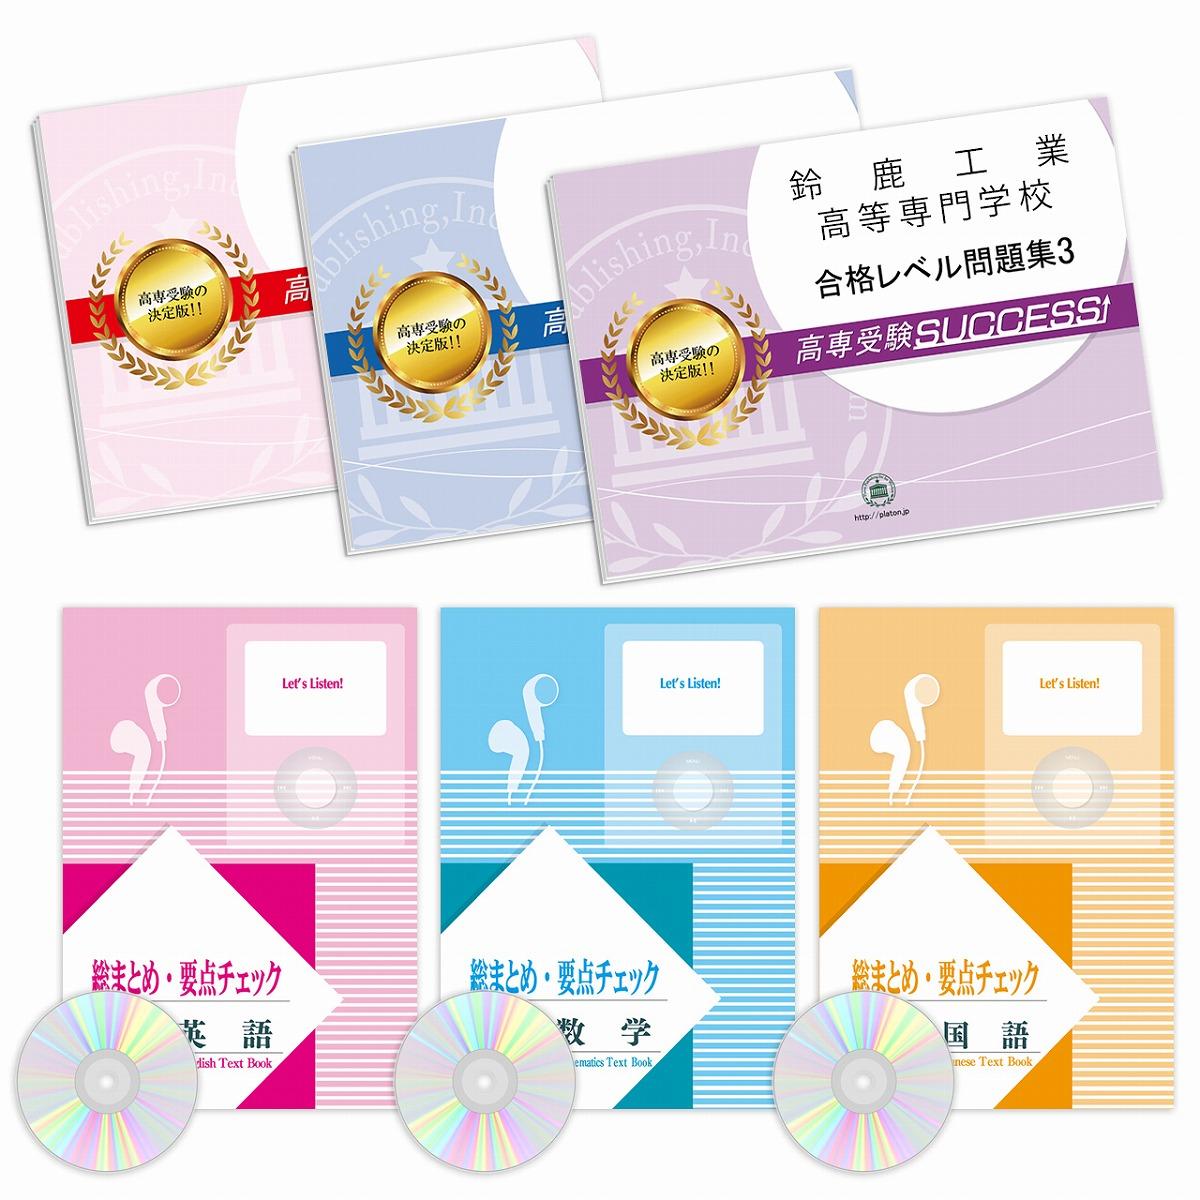 【送料・代引手数料無料】鈴鹿工業高等専門学校受験合格セット(6冊)